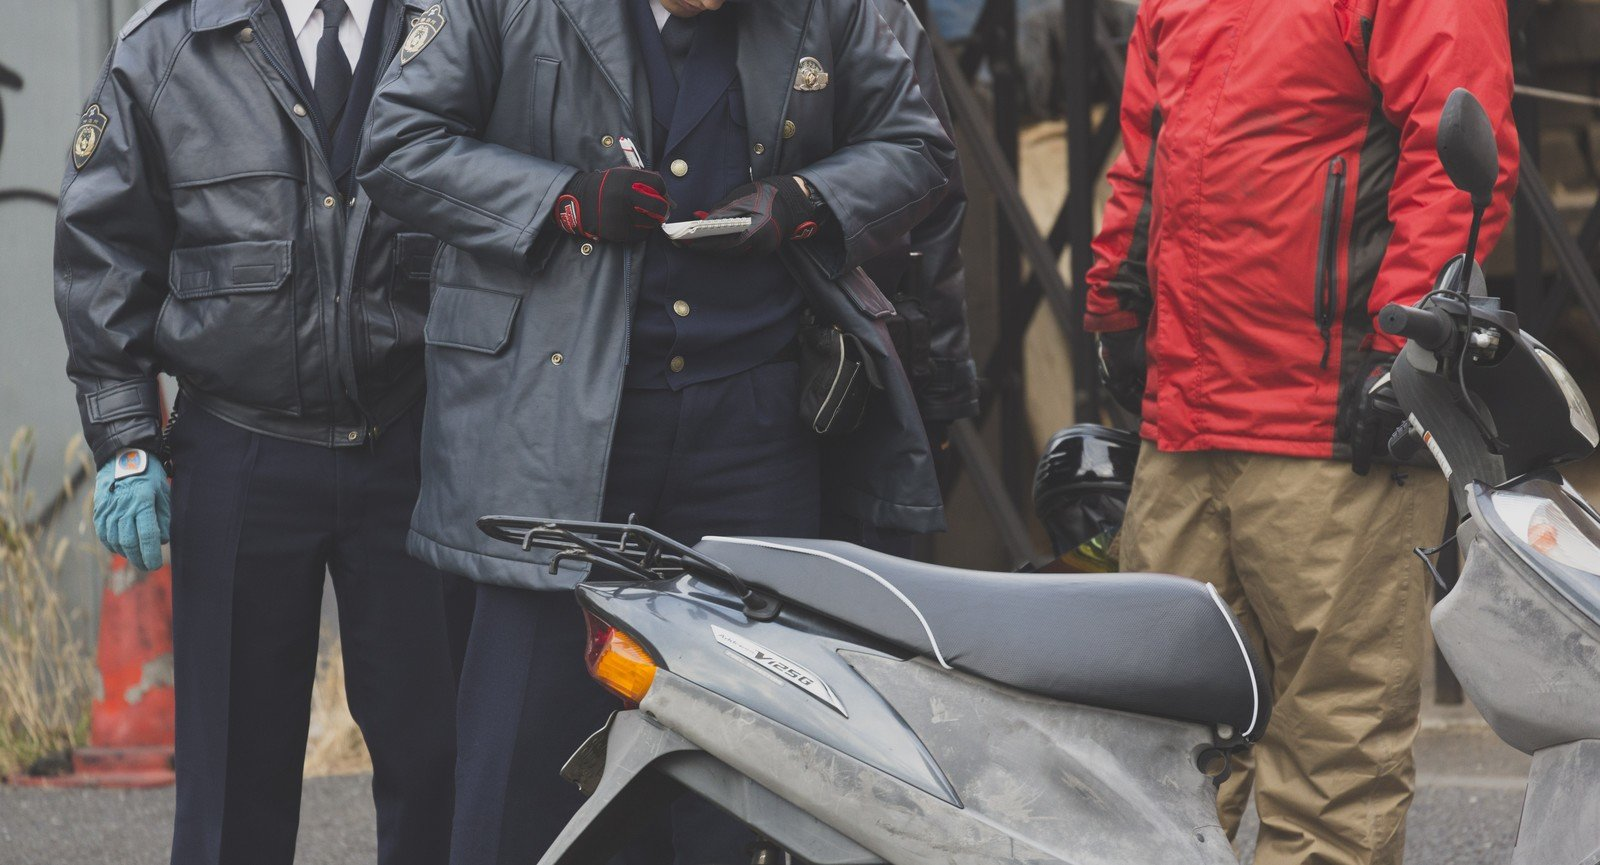 車両を確認する警察官の写真